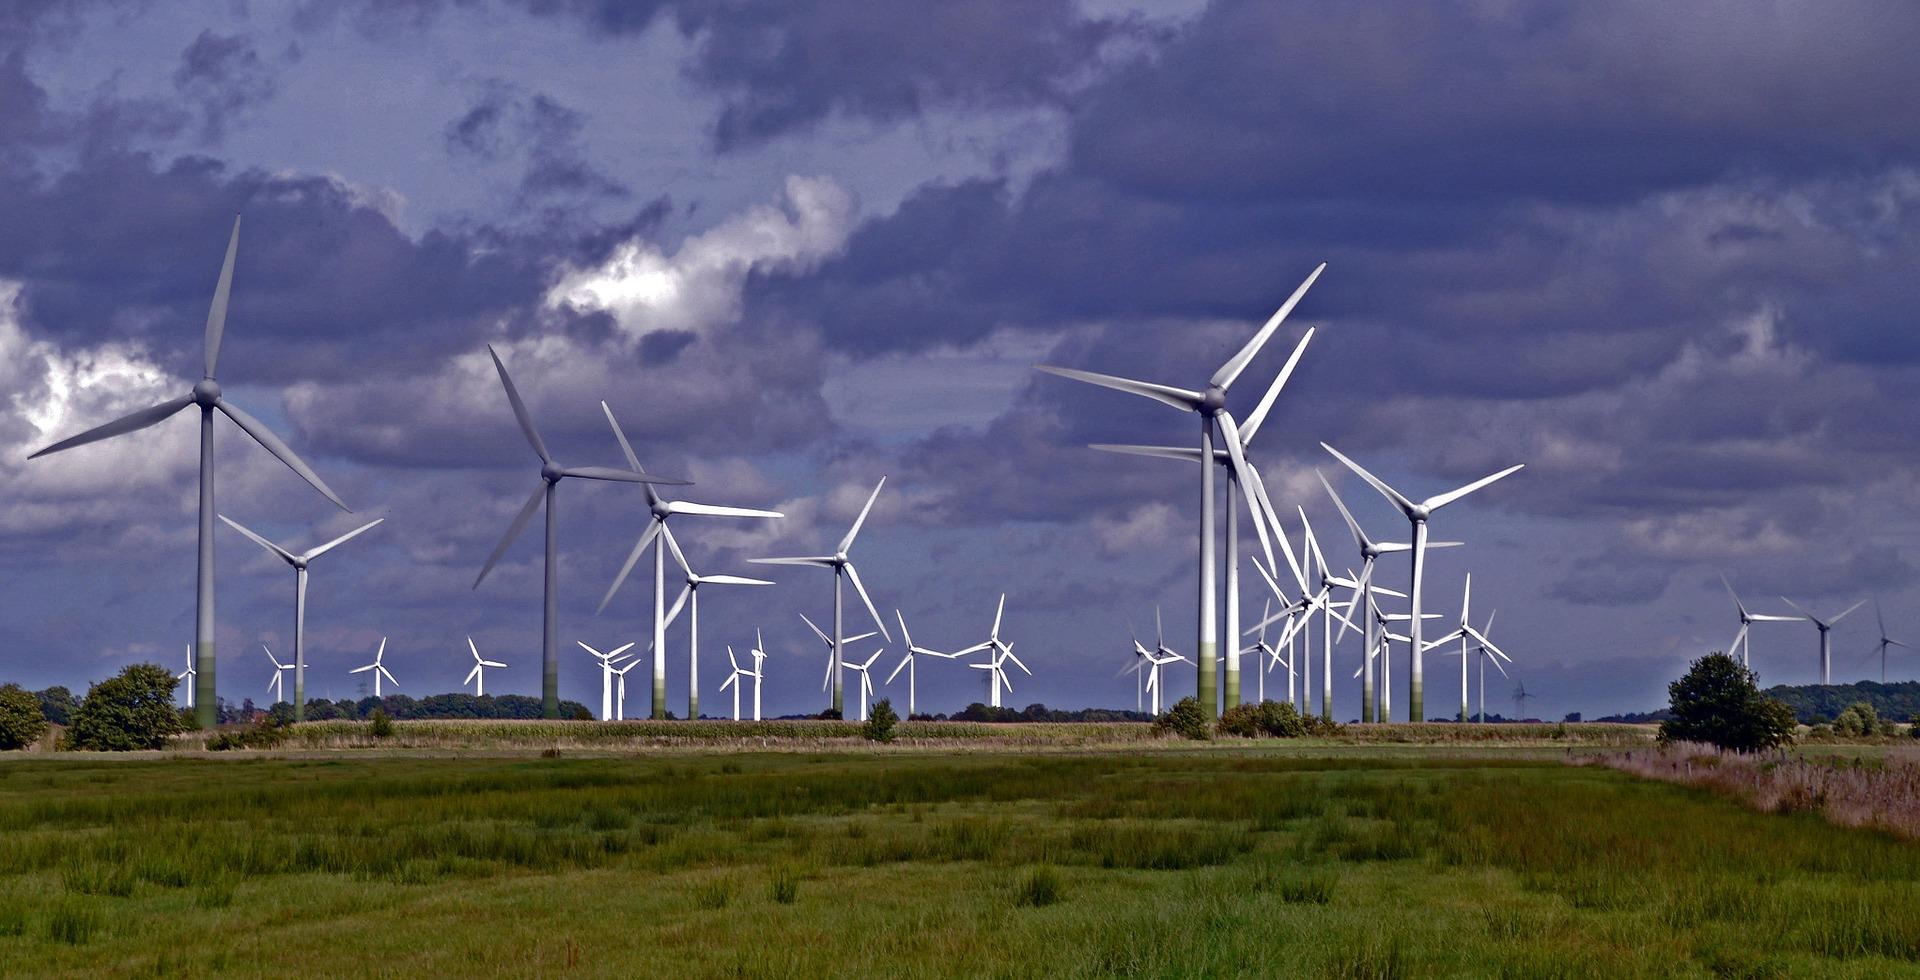 Альтернативная энергетика – вчера, сегодня, завтра